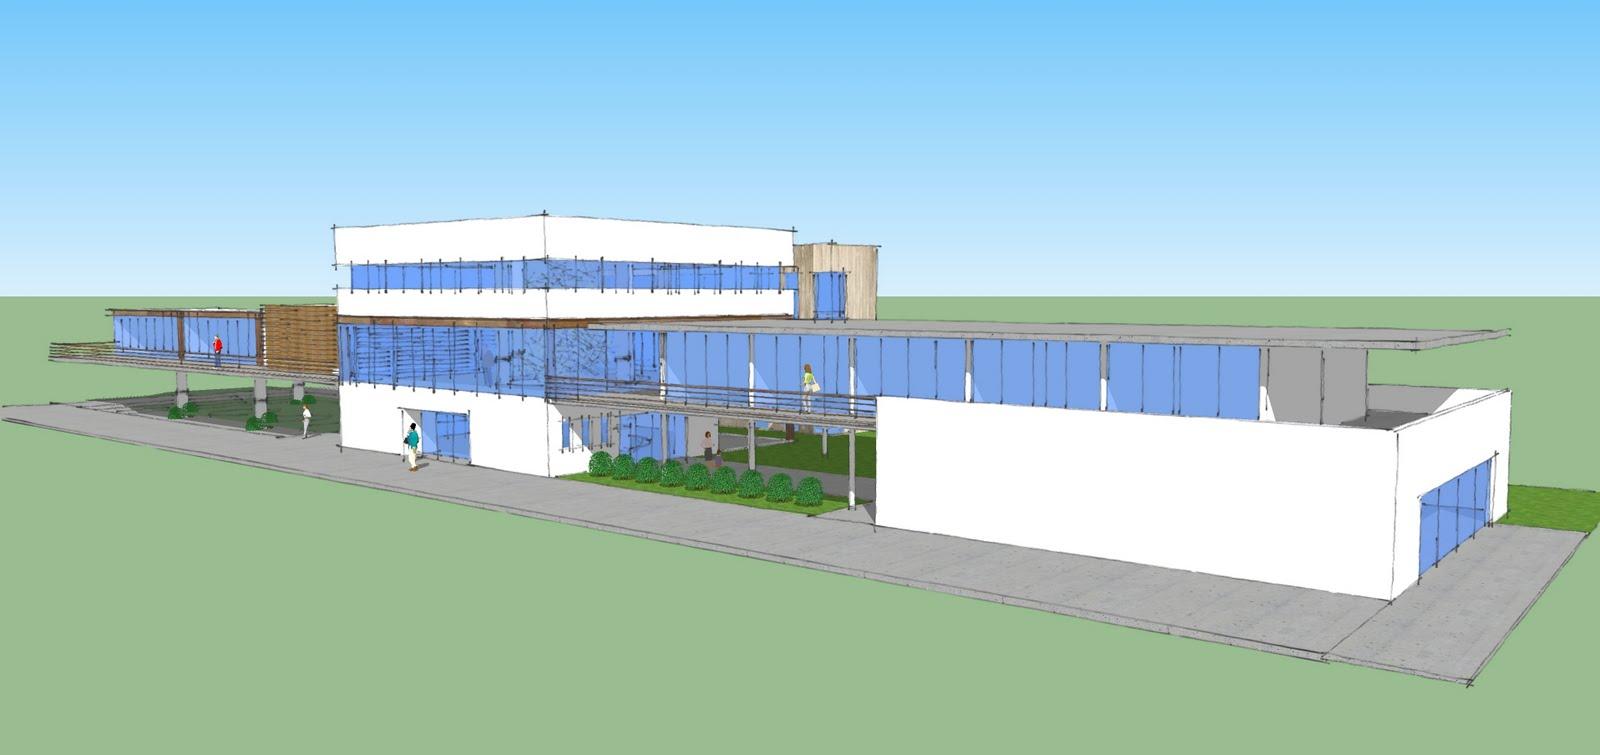 Proceso de dise o arquitectonico escuela superior de for Proyectos de construccion de escuelas